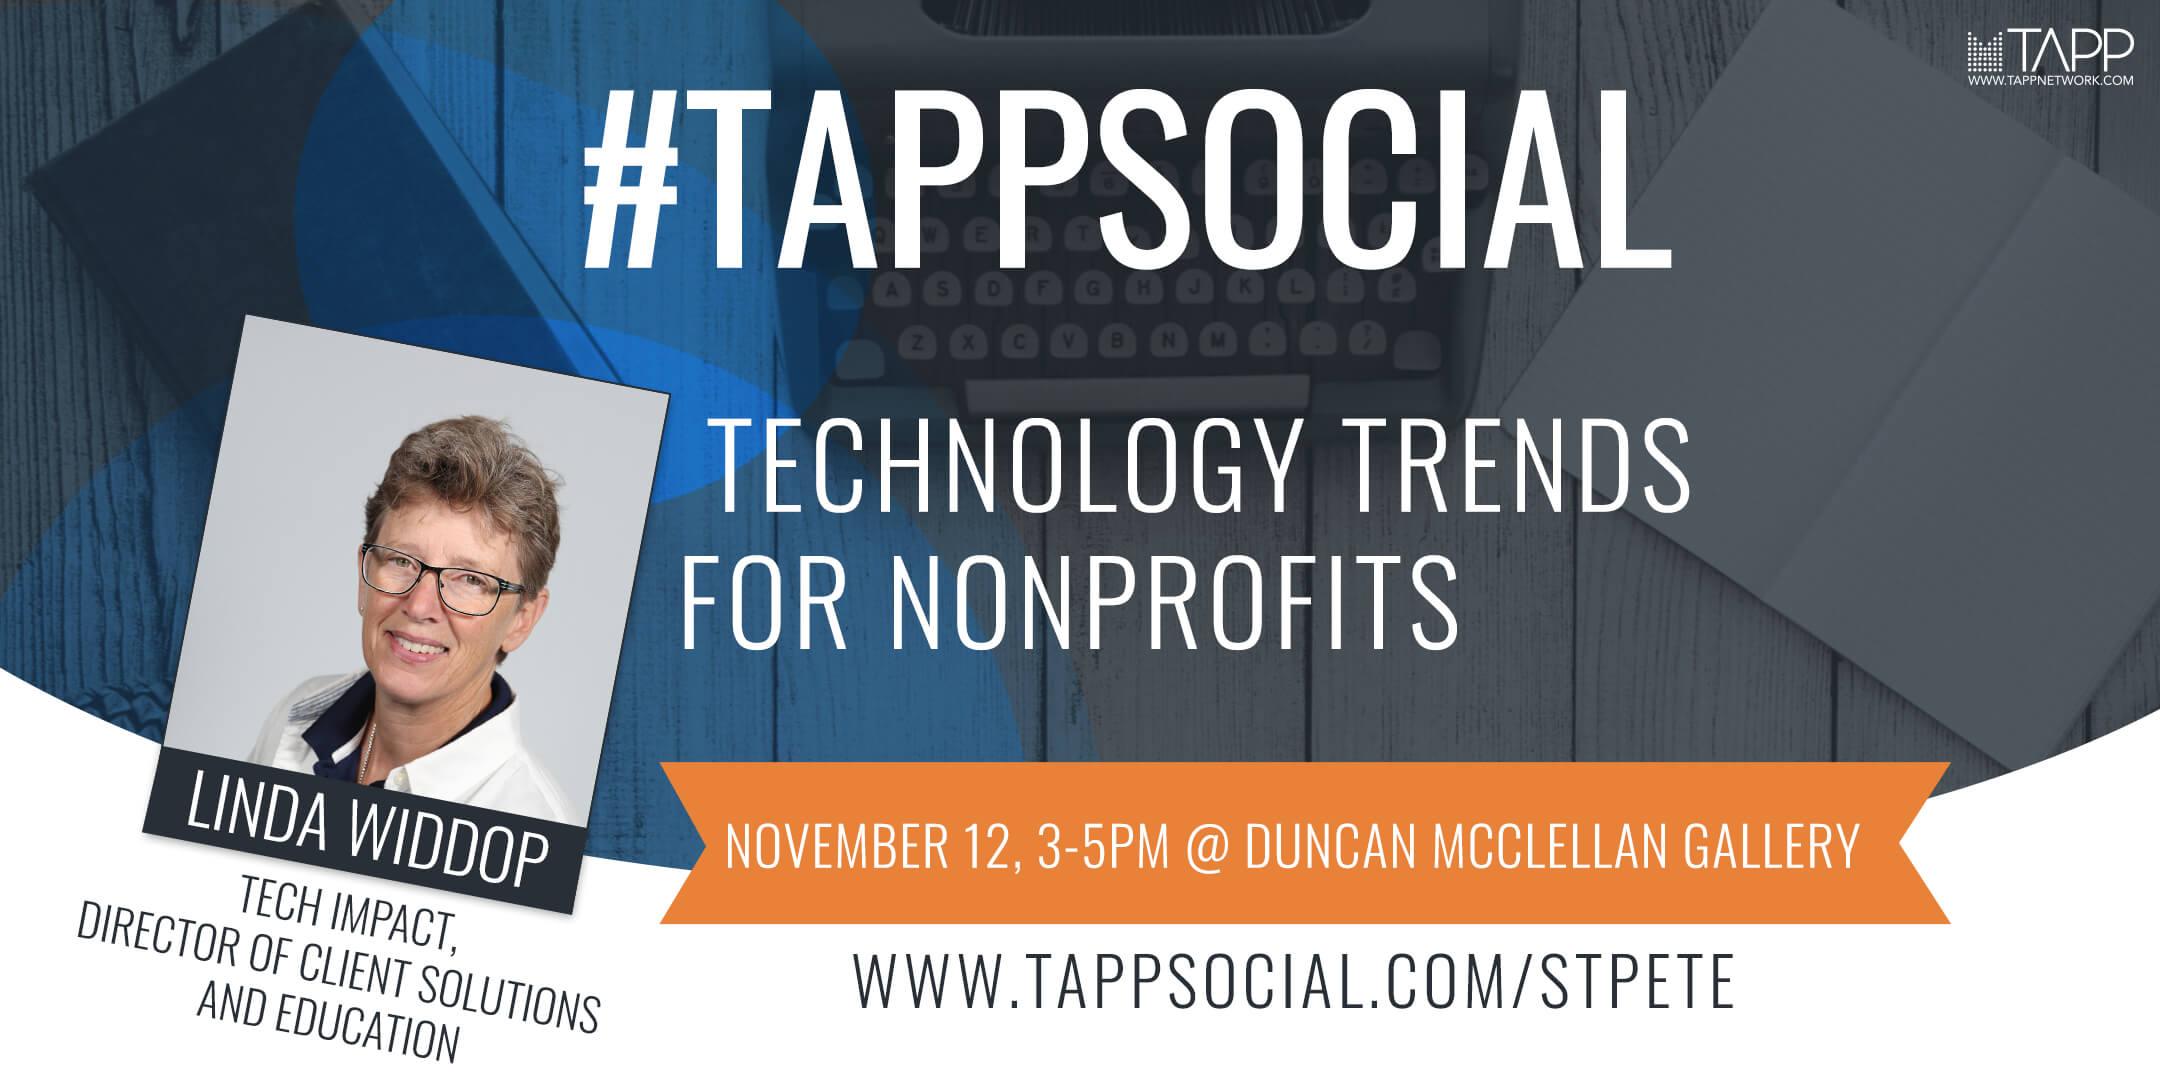 Tapp-Social-Eventbrite-StPetes-Nov-2018